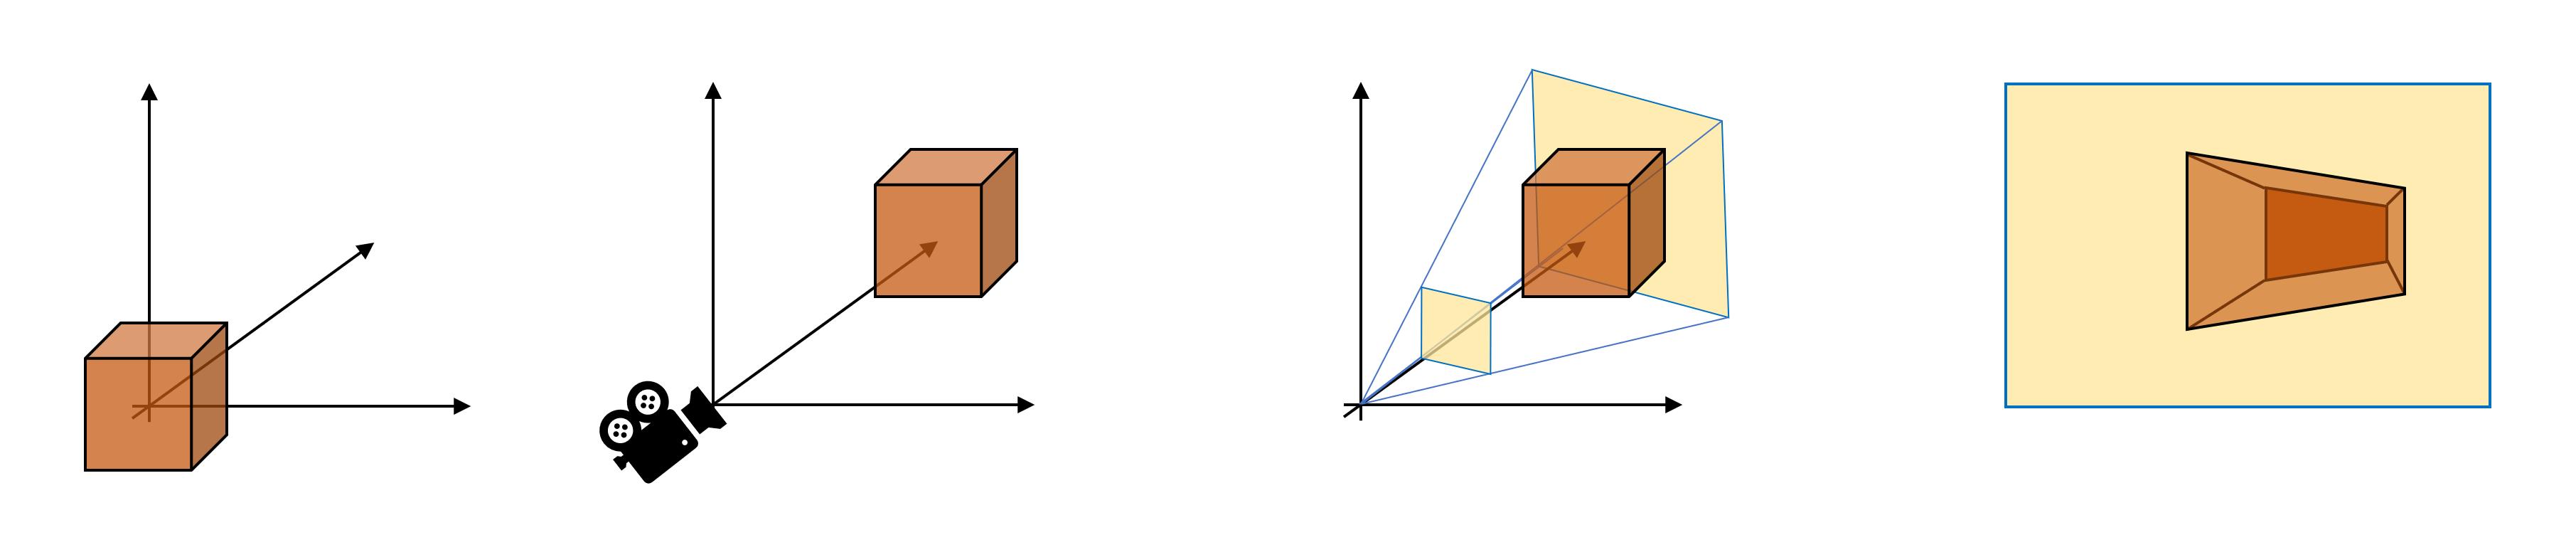 Как работает рендеринг 3D-игр: растеризация и трассировка лучей - 16